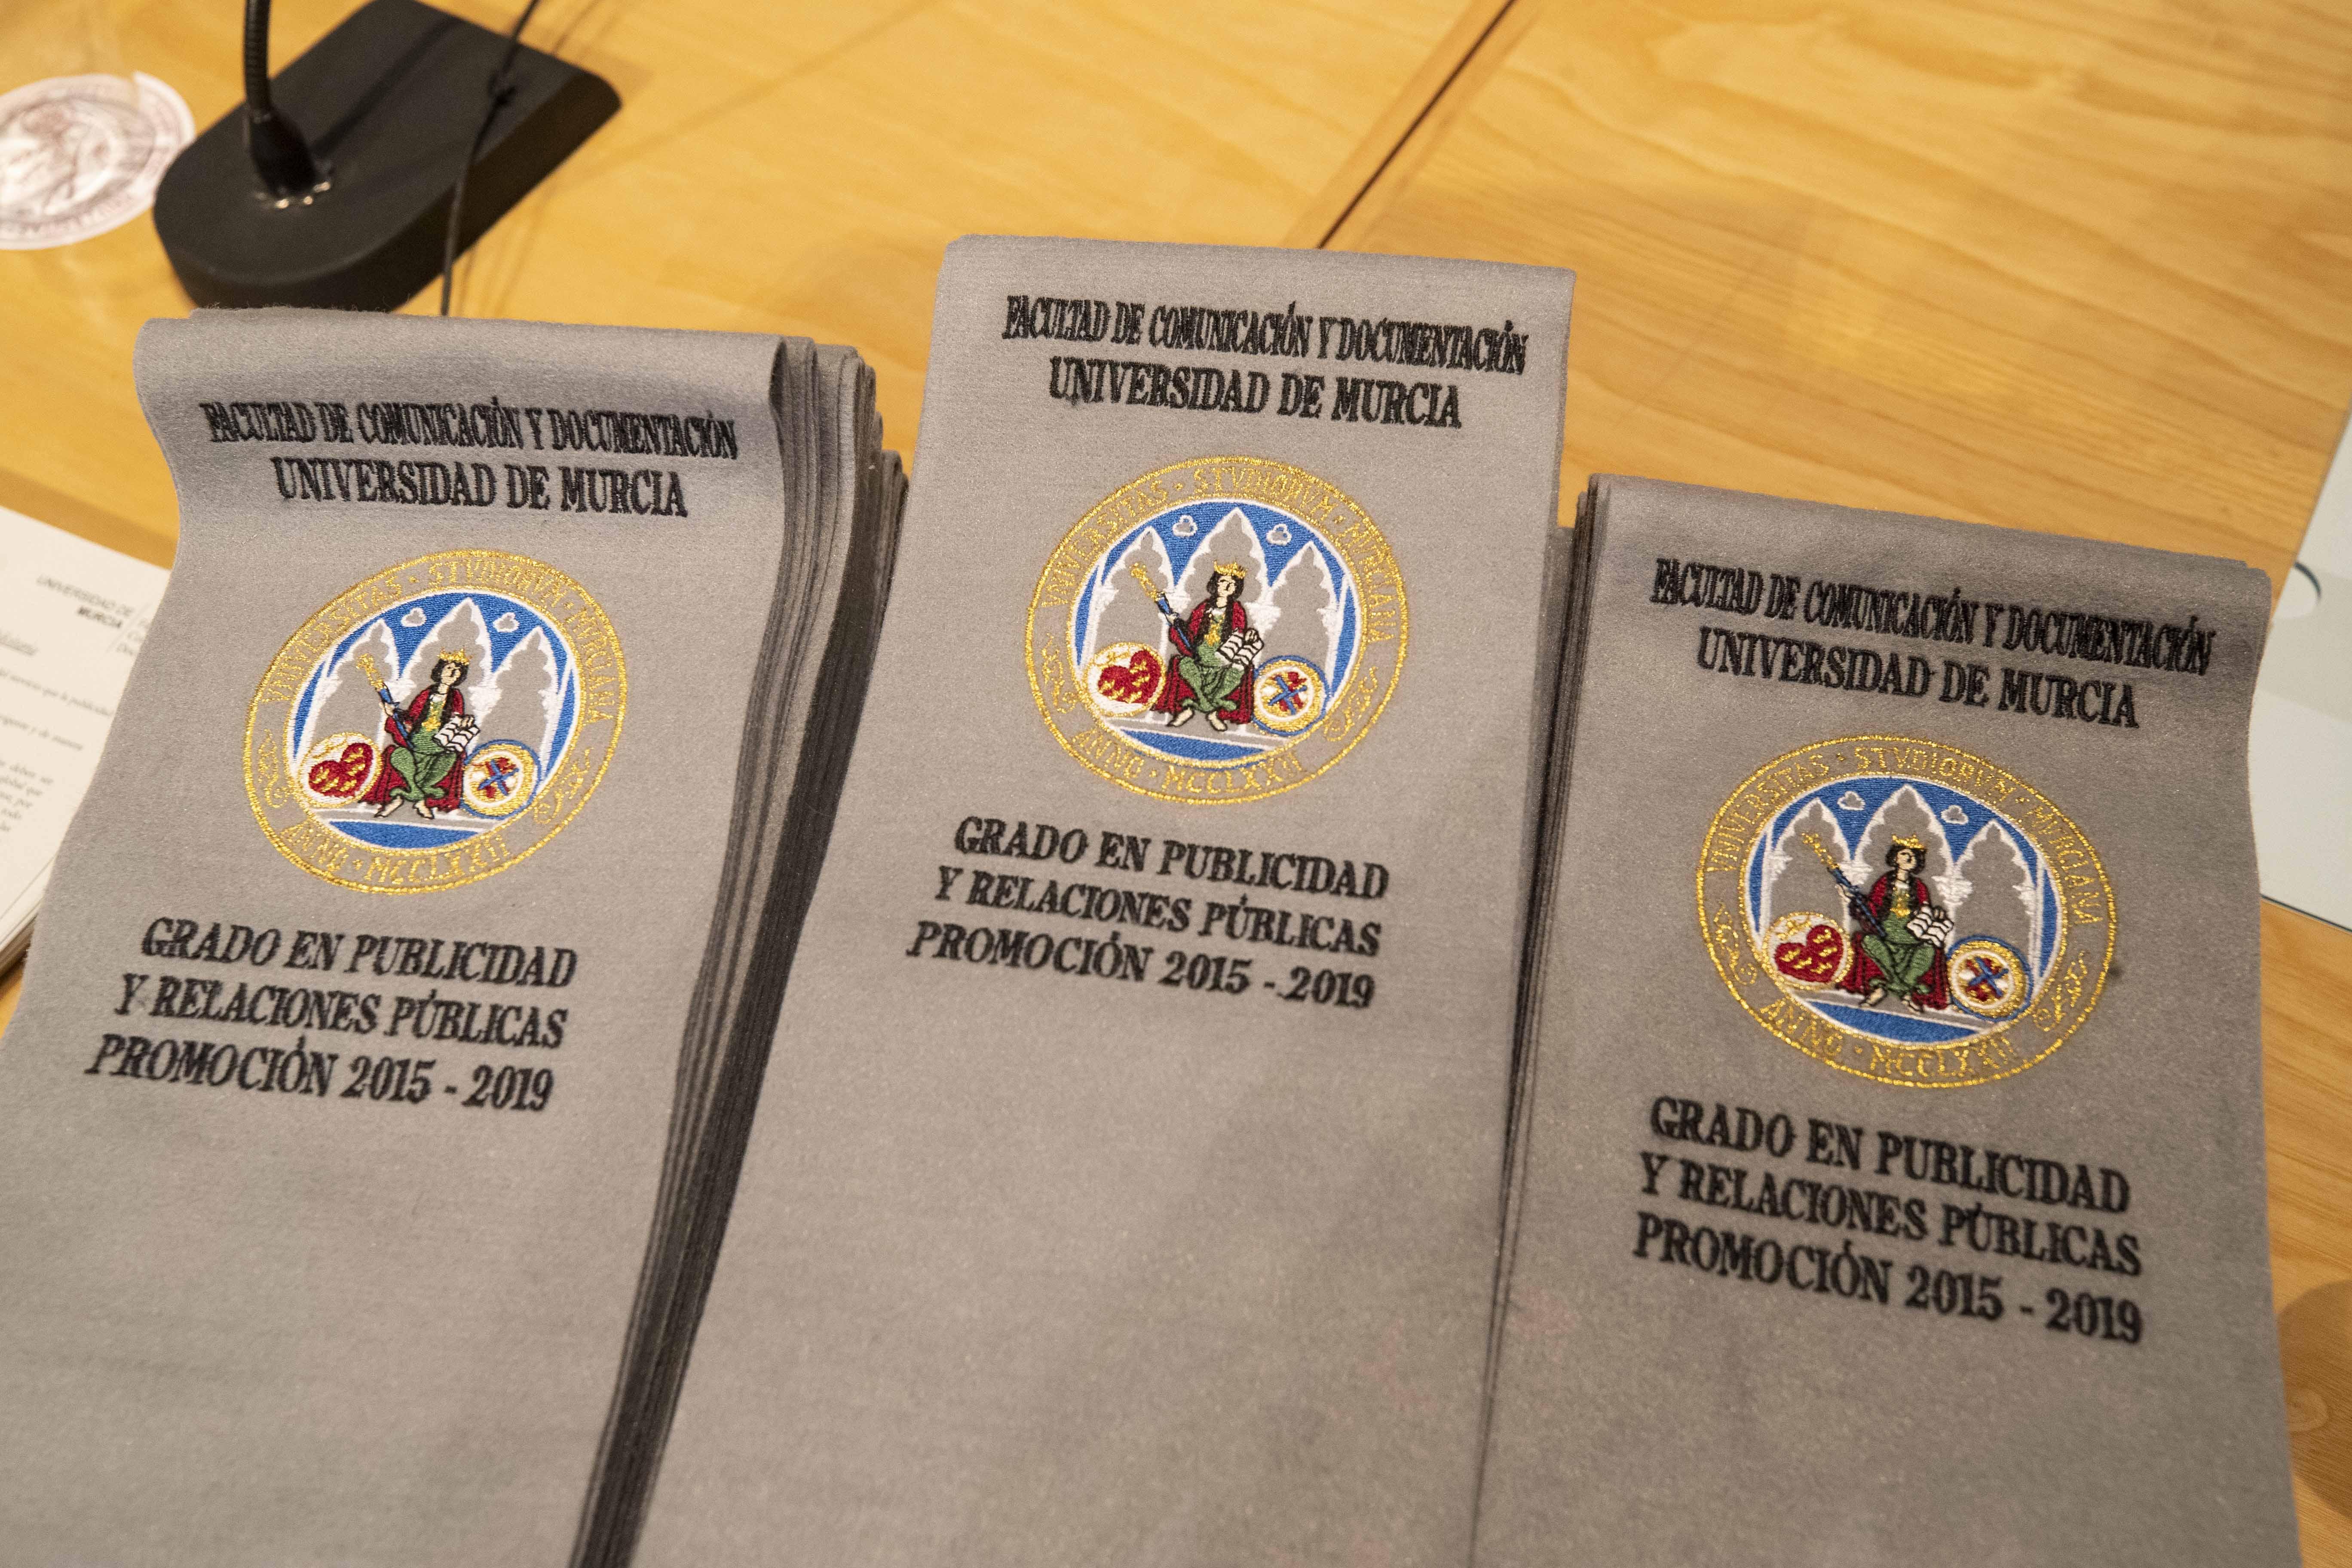 Graduacion Publicidad y comunicación 01.jpg